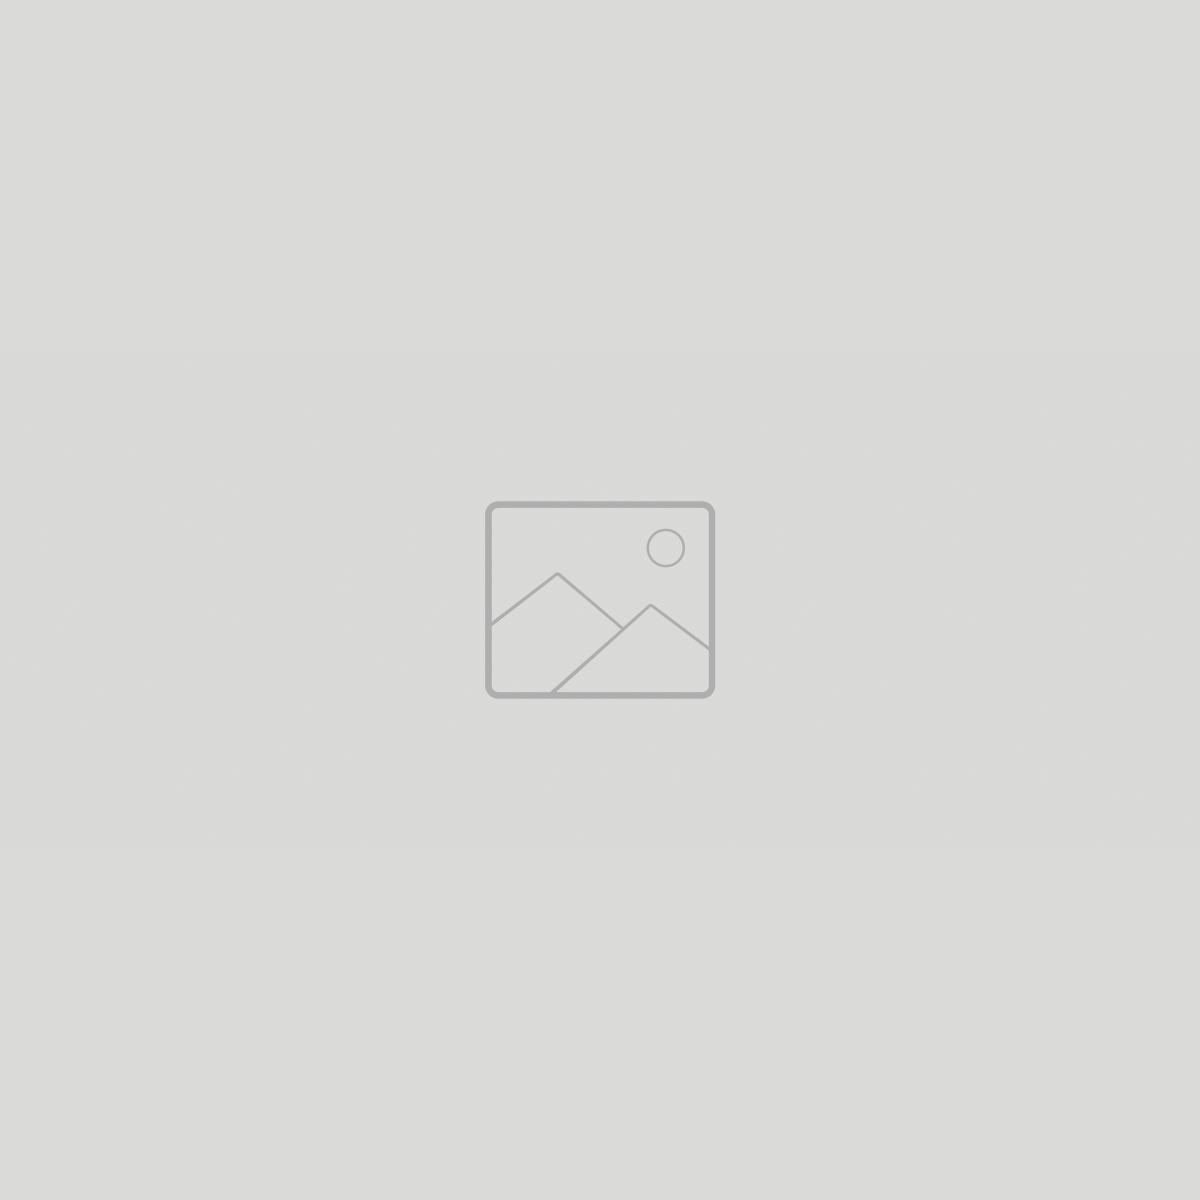 بور سبلاي صان شاينه 5 أمبير 30 فولط ذات جودة عالية SUNSHINE P-3005A